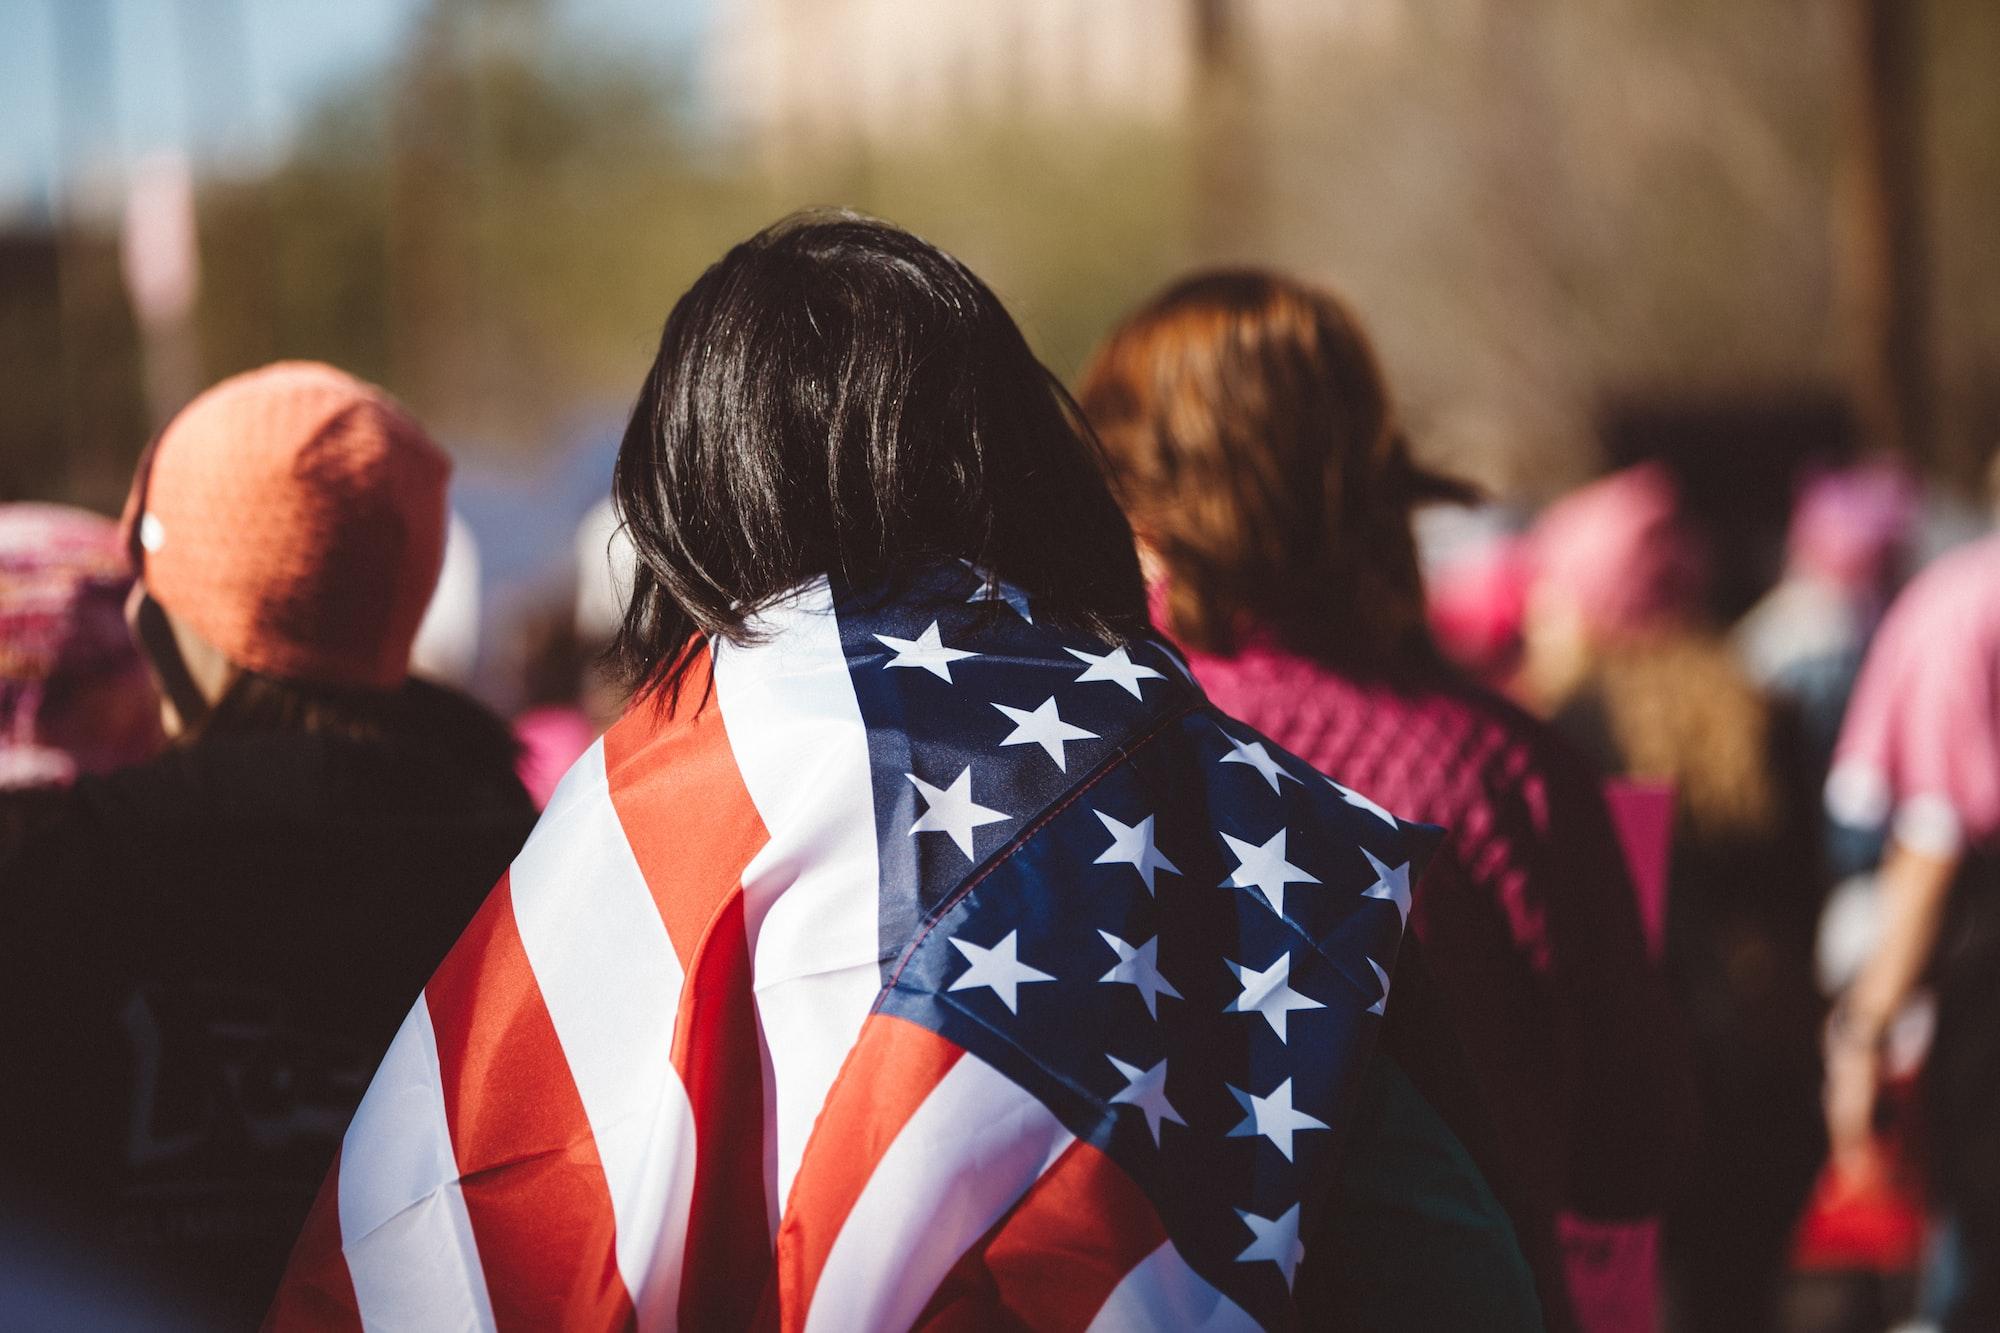 好學生不要看 疫情期美國公民面試歪路攻略(上篇)